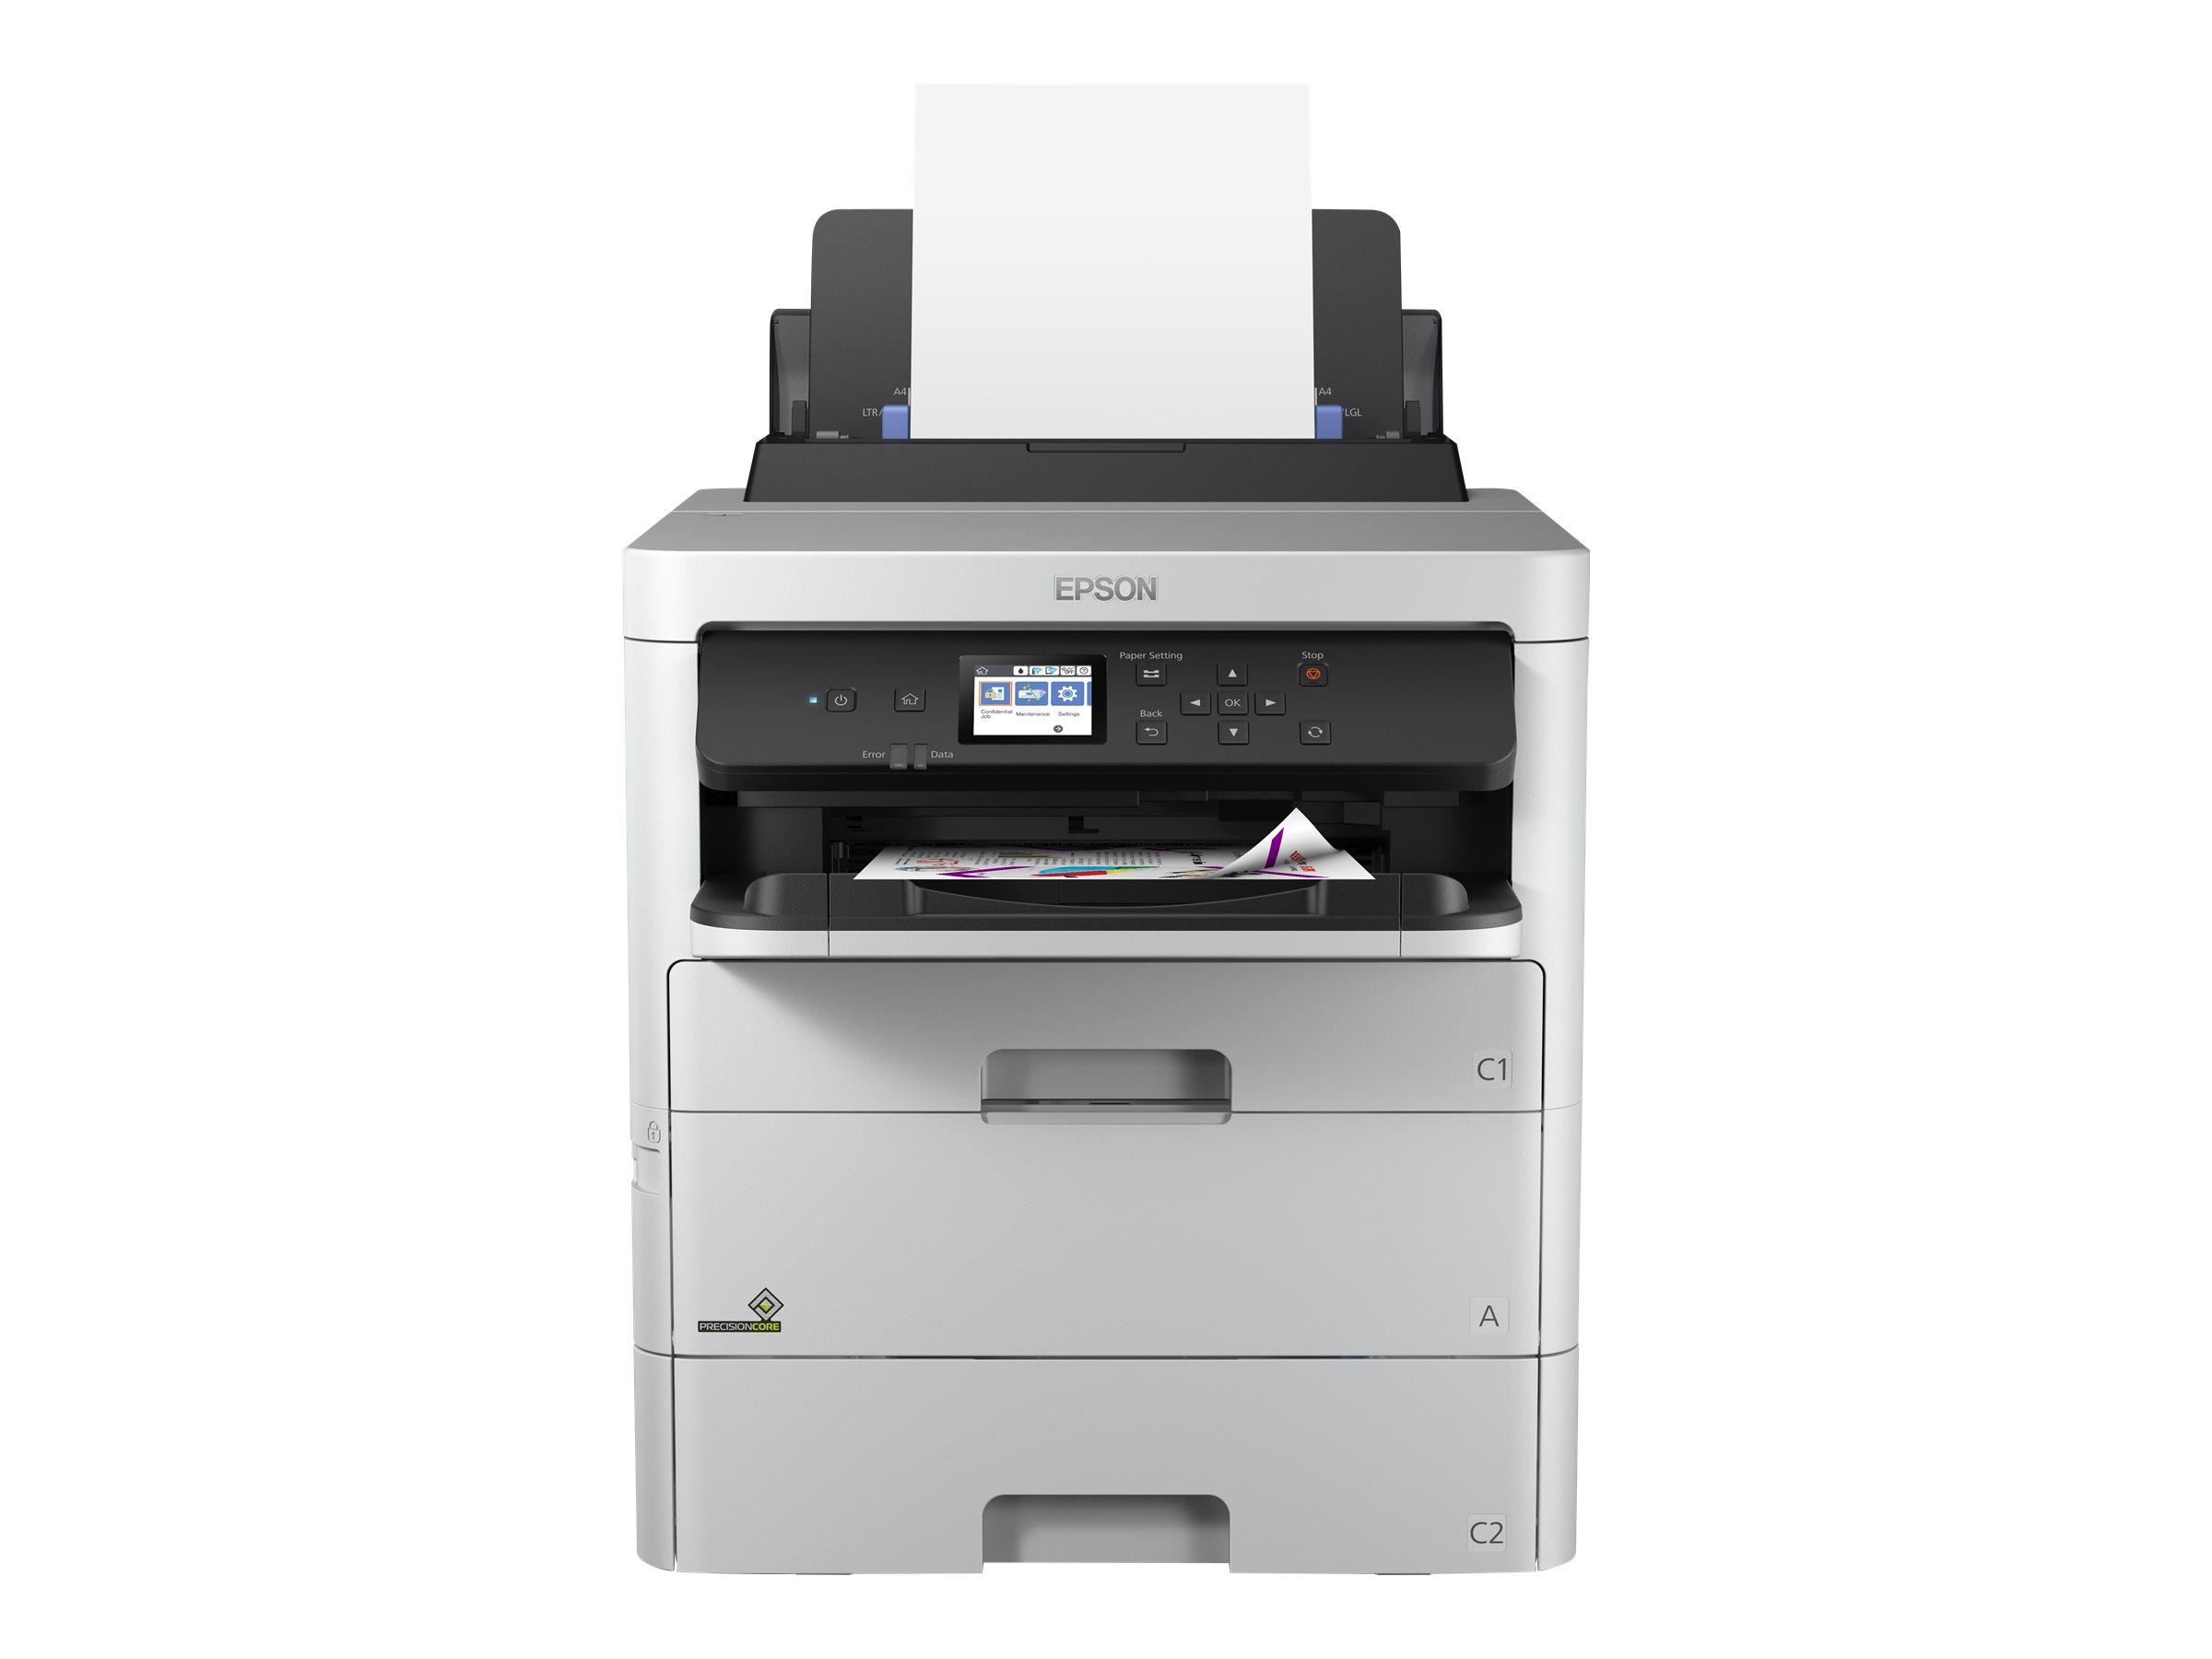 Epson WorkForce Pro WF-C529RDTW - Drucker - Farbe - Duplex - Tintenstrahl - A4/Legal